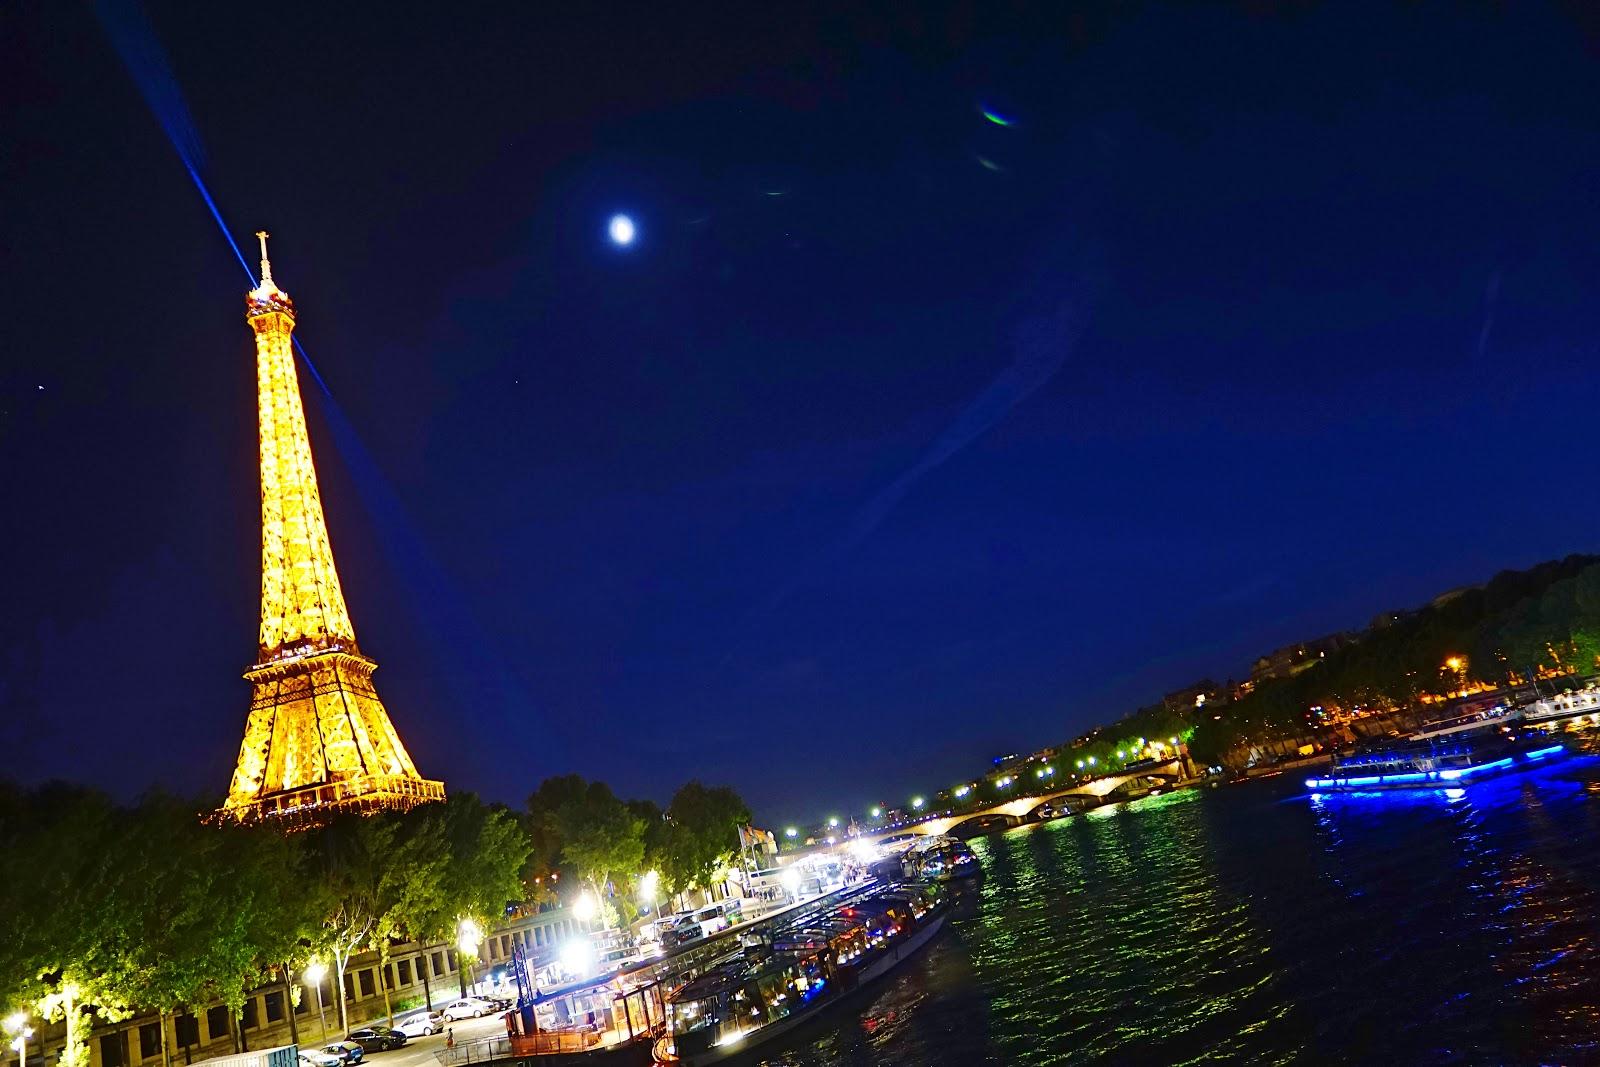 【法國】巴黎七天六夜遊 - 艾菲爾鐵塔白天黑夜的不同迷人風貌 @ 蹺班179(77&99) :: 痞客邦